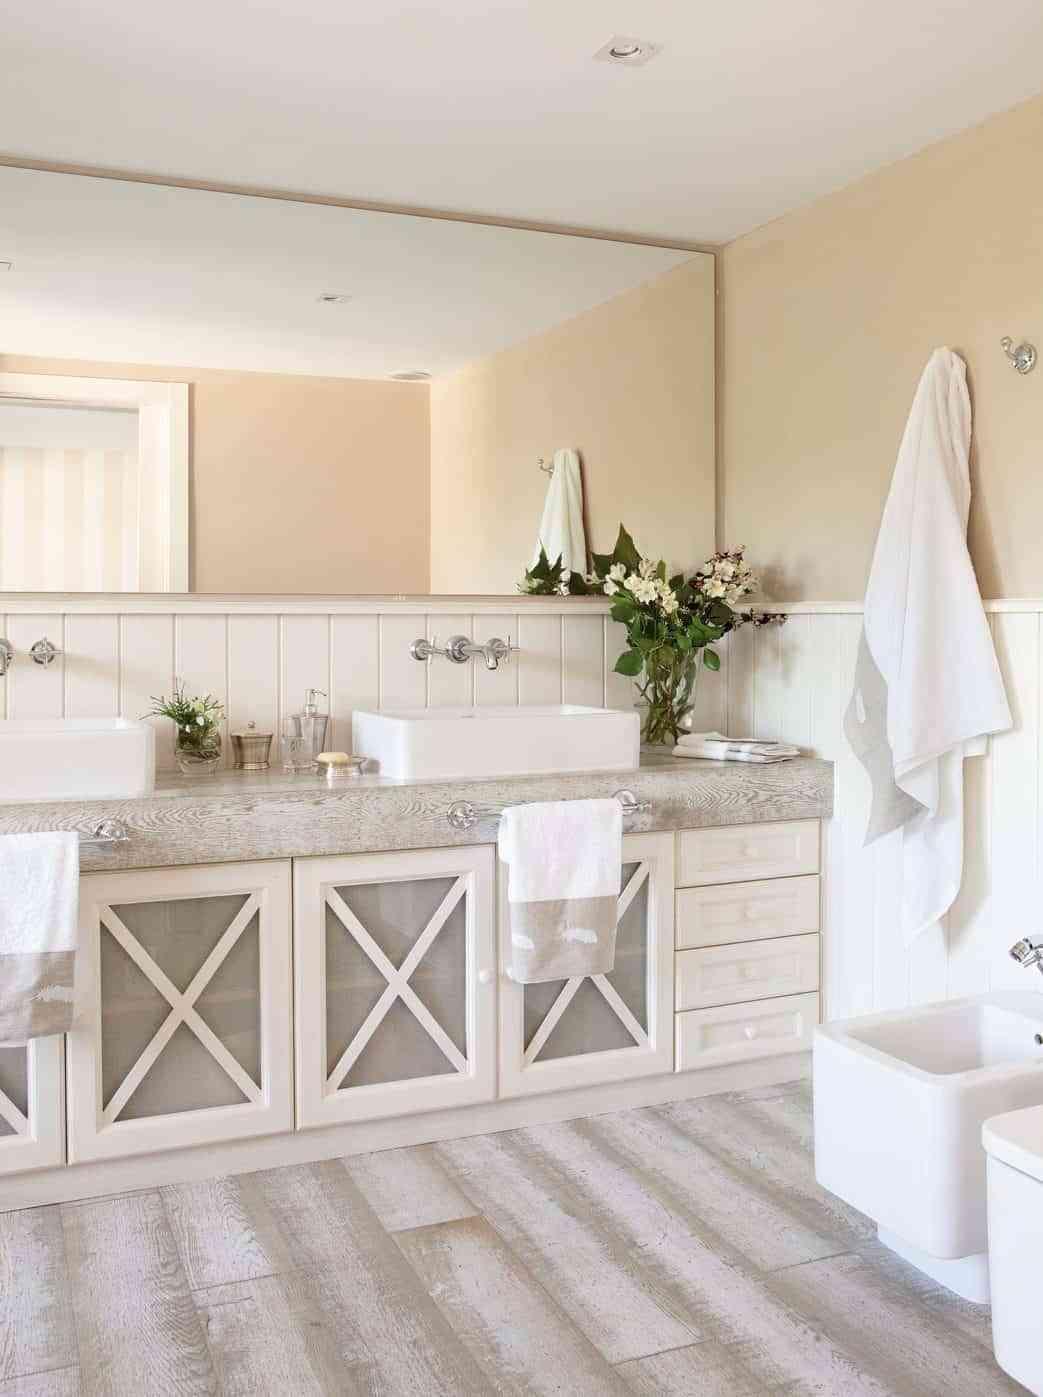 Espejos de baños de pared a pared